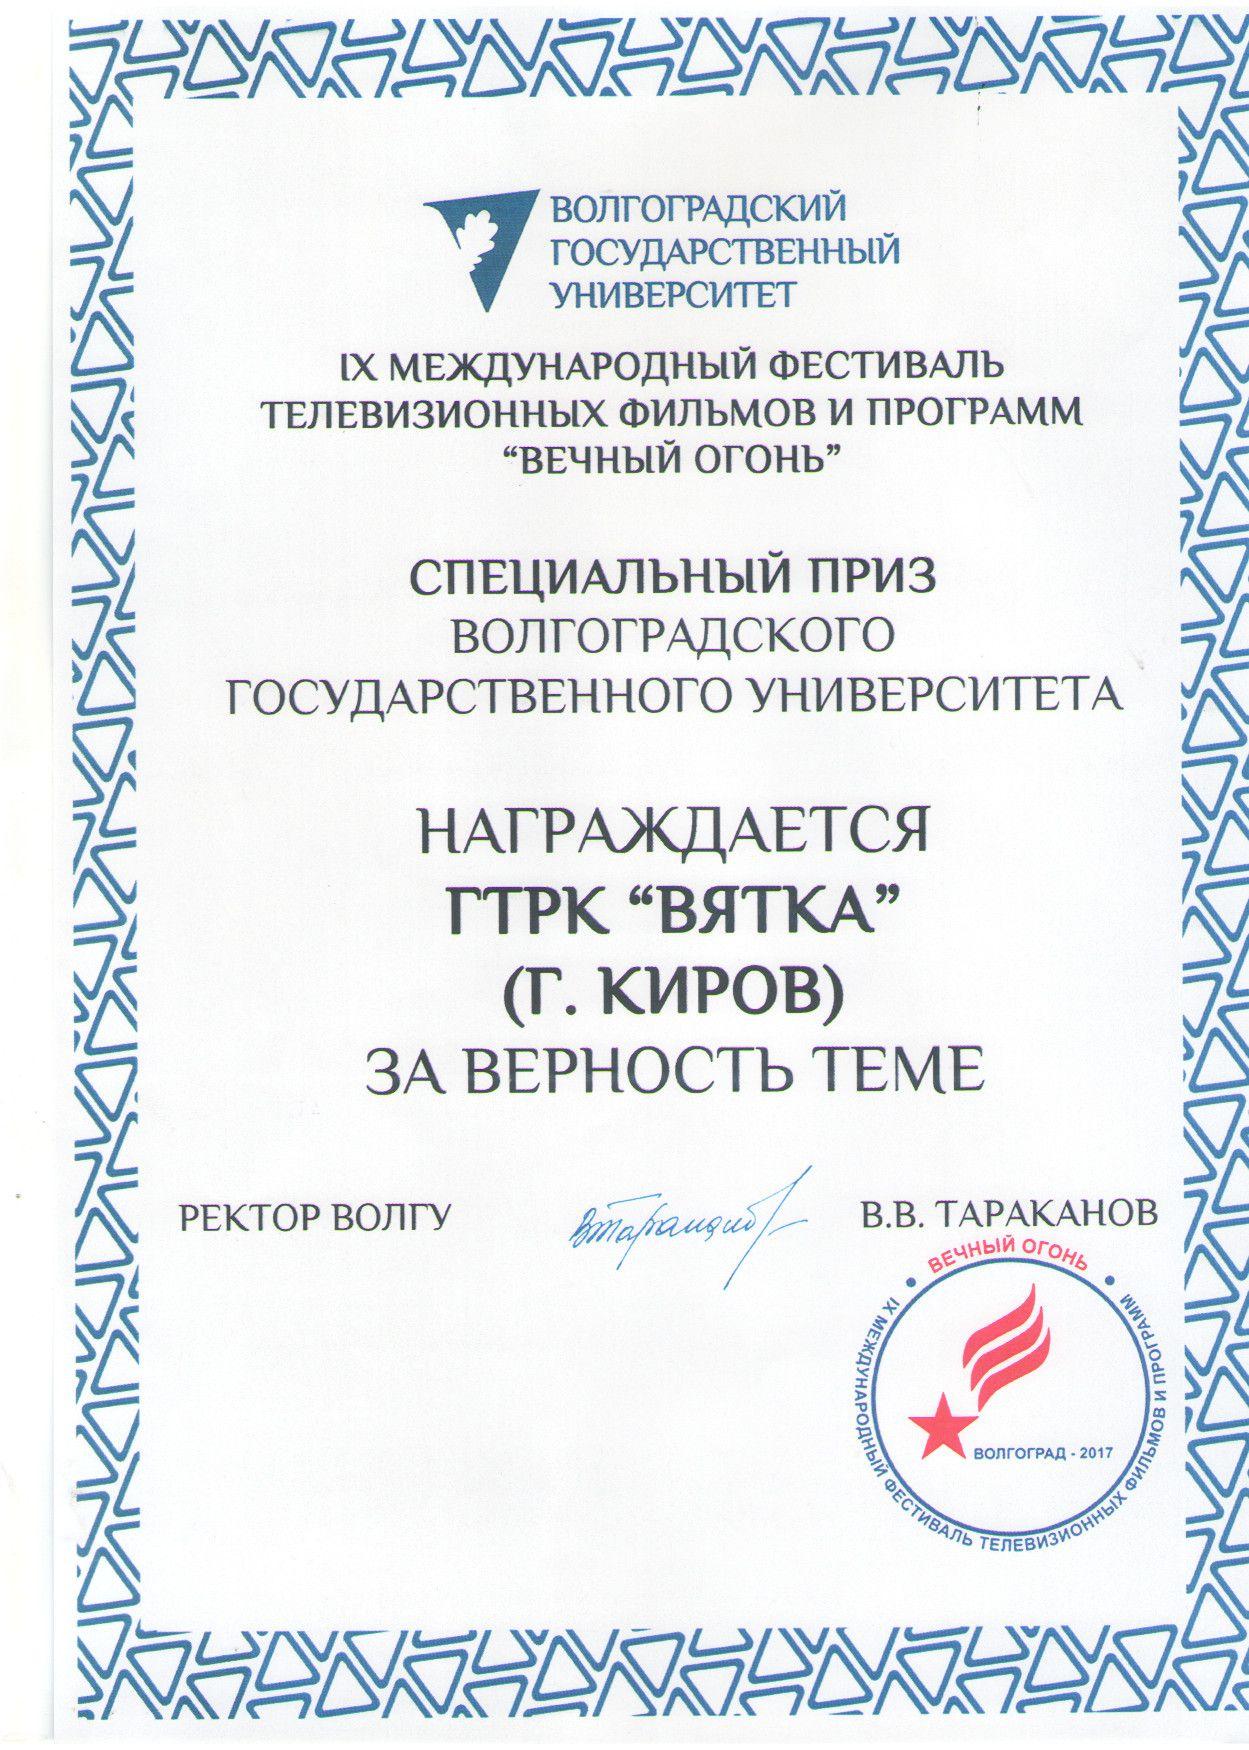 Награда на фестивале